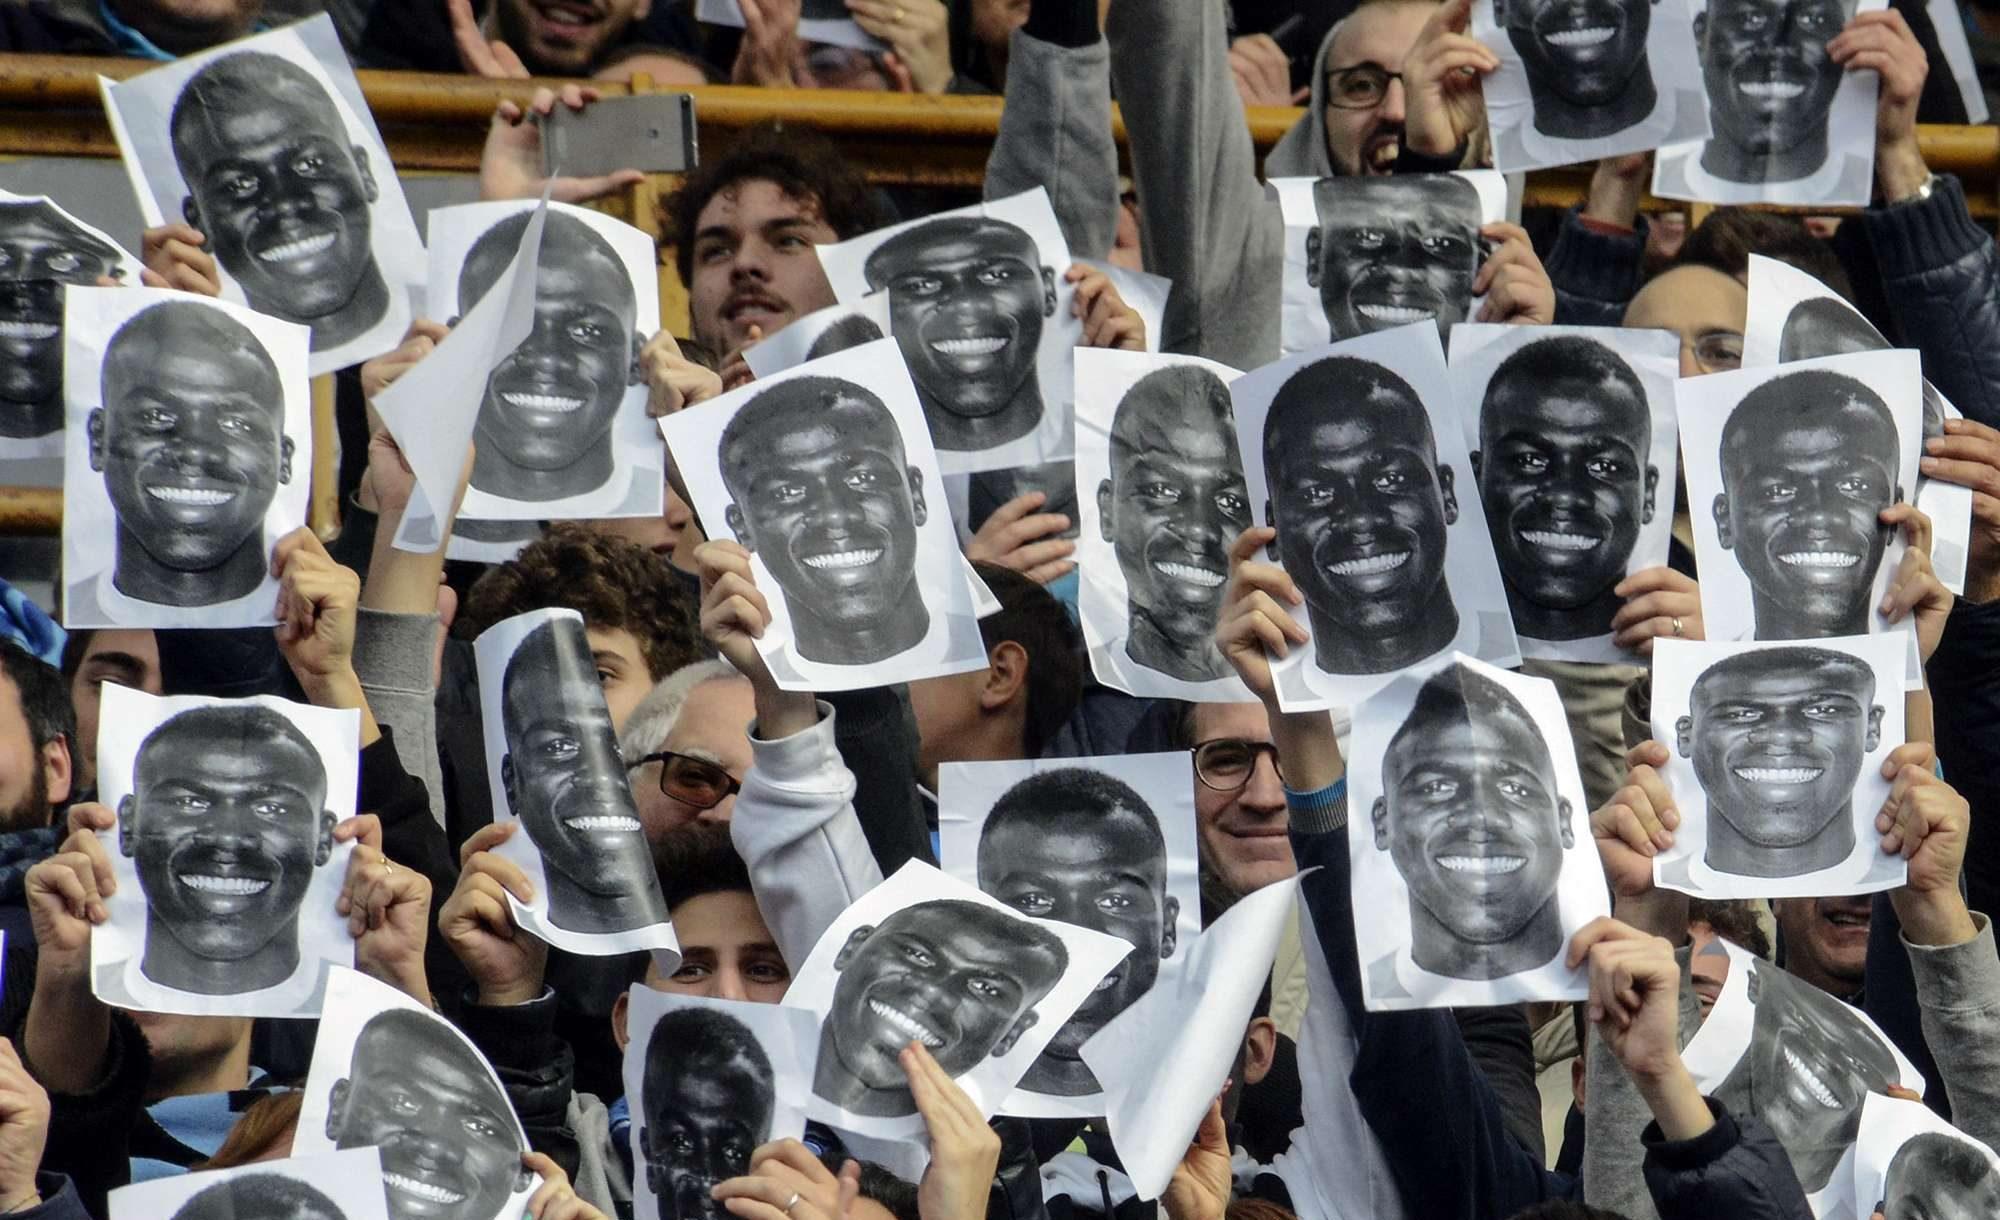 Des supporters napolitains tenant des portraits du défenseur Kalidou Koulibaly, avant le match de football de Serie A opposant Napoli et Carpi au stade San Paolo de Naples, en Italie, le dimanche 7 février 2016.